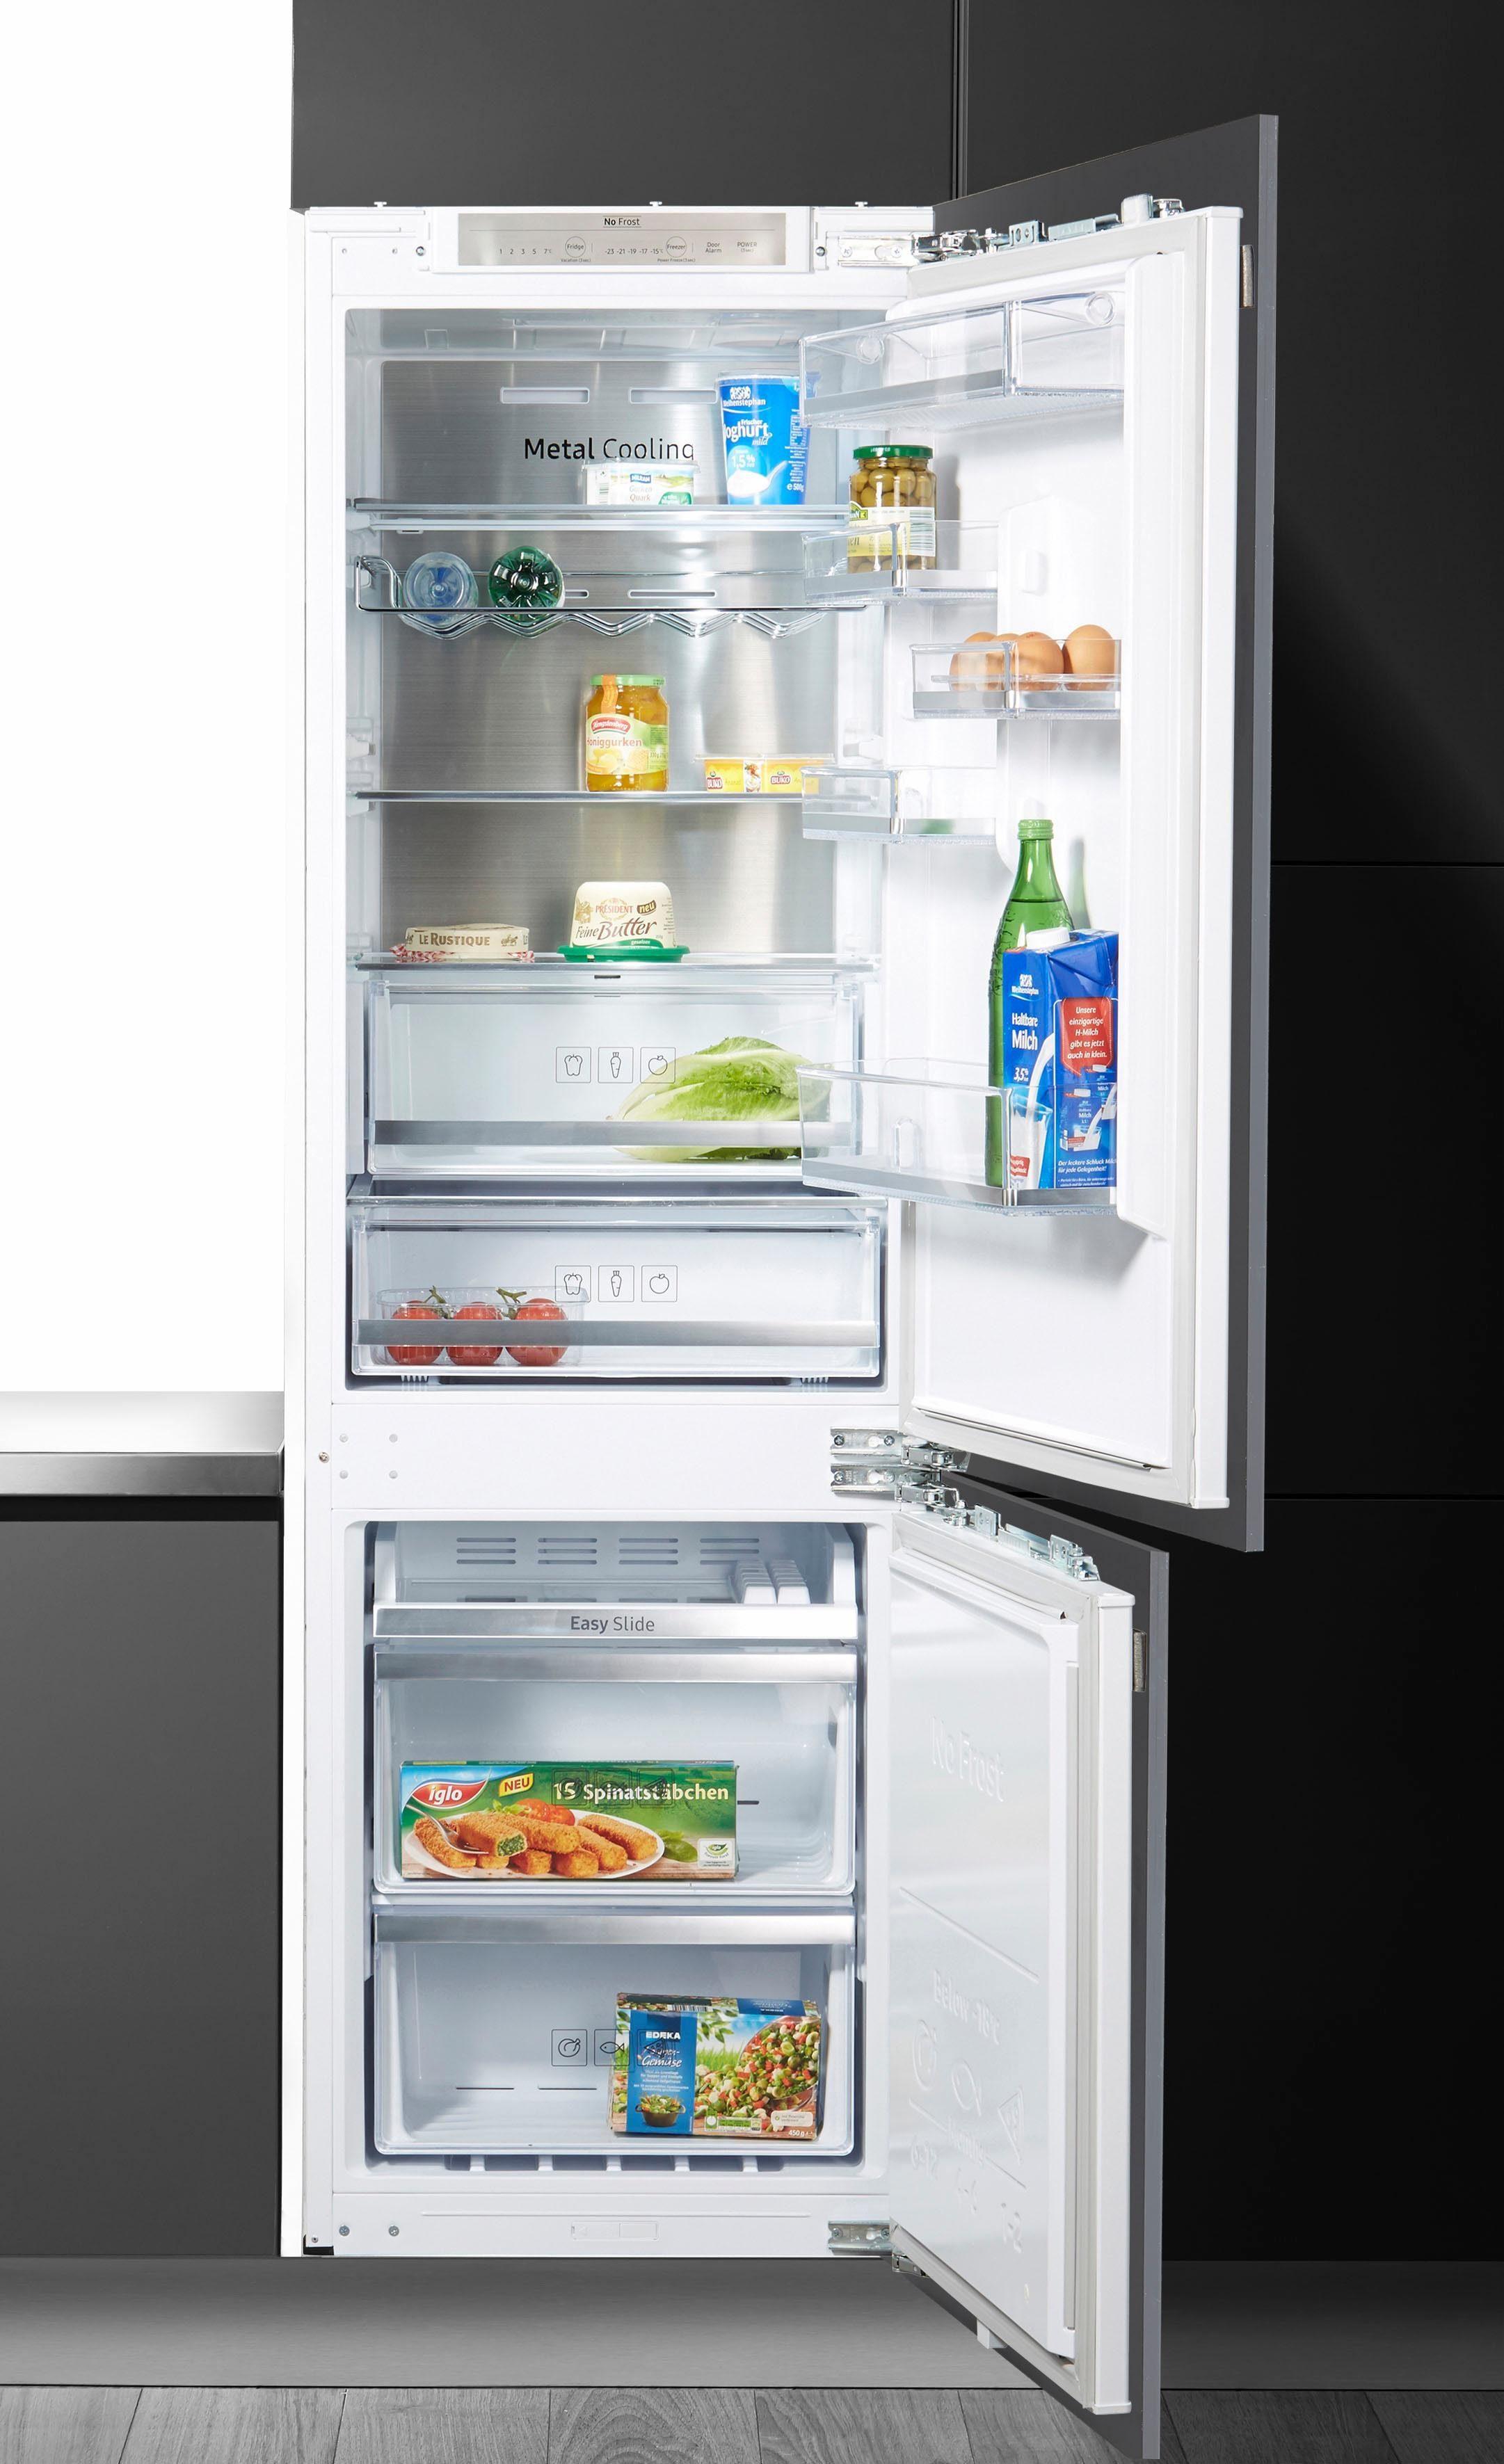 Samsung Kühl-/Gefrierkombination 72 BRB260131WWEG, 177,5 cm hoch, 70,0 cm breit, Energieeffizienzklasse: A+